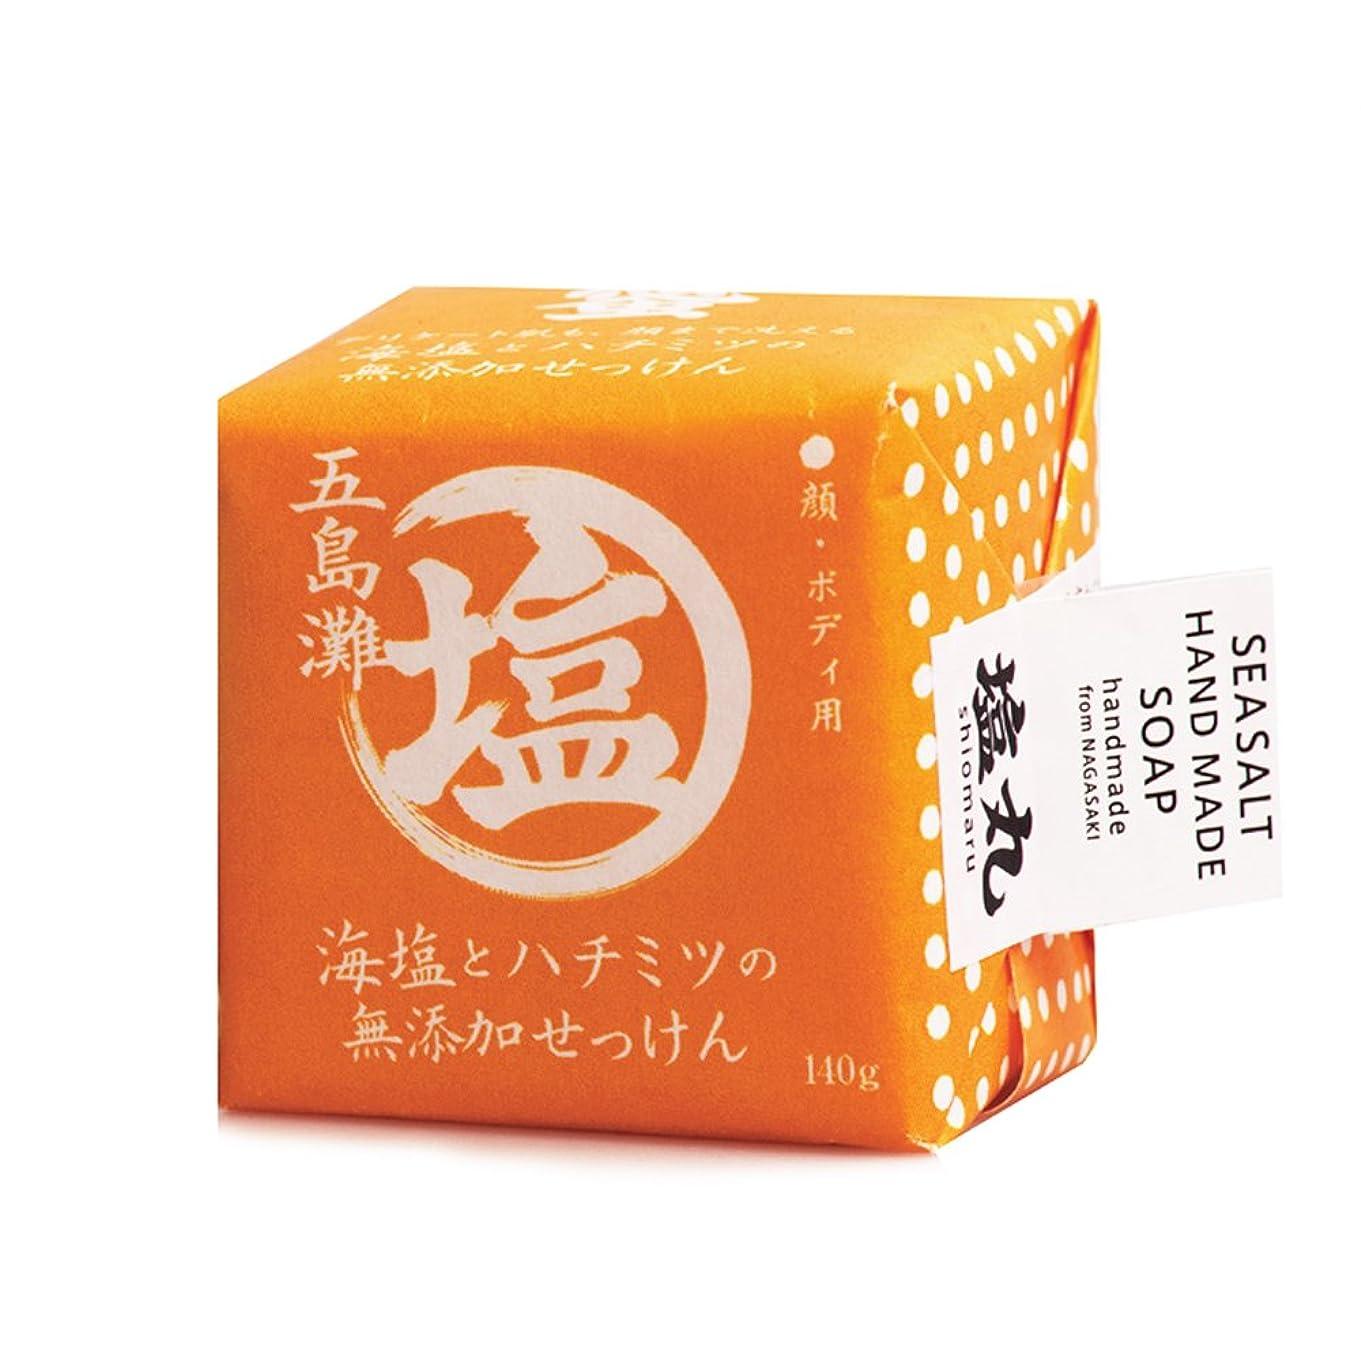 郵便ギャンブル動く(塩丸)にがり入海塩の無添加せっけん/蜂蜜